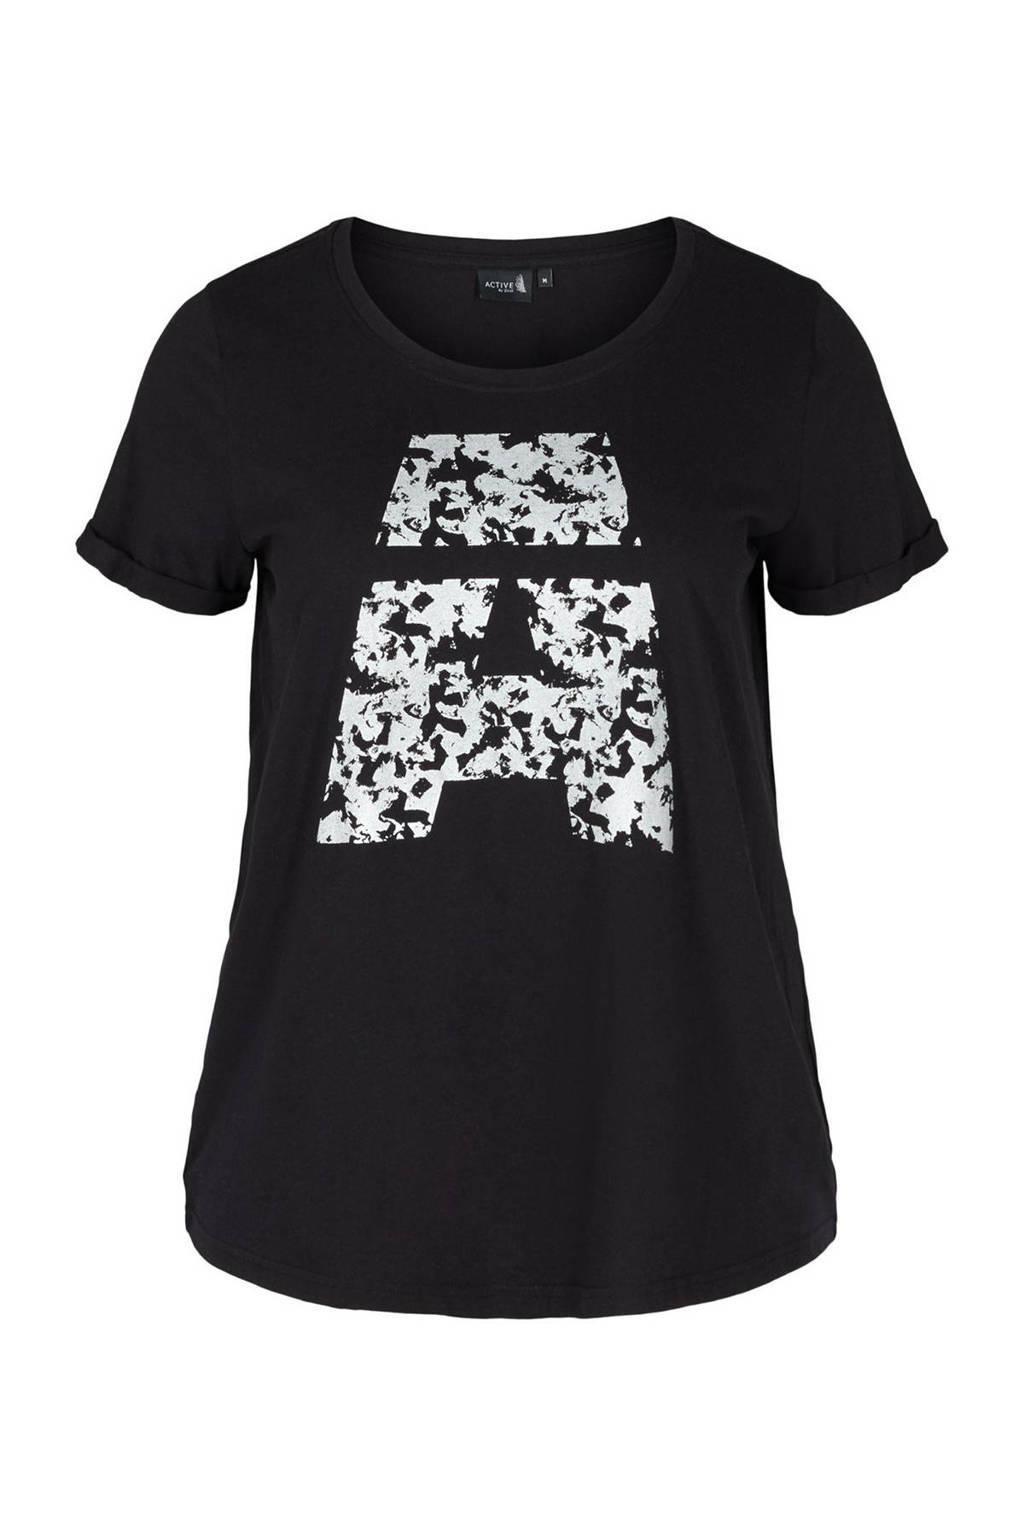 ACTIVE By Zizzi sport T-shirt zwart, Zwart/wit